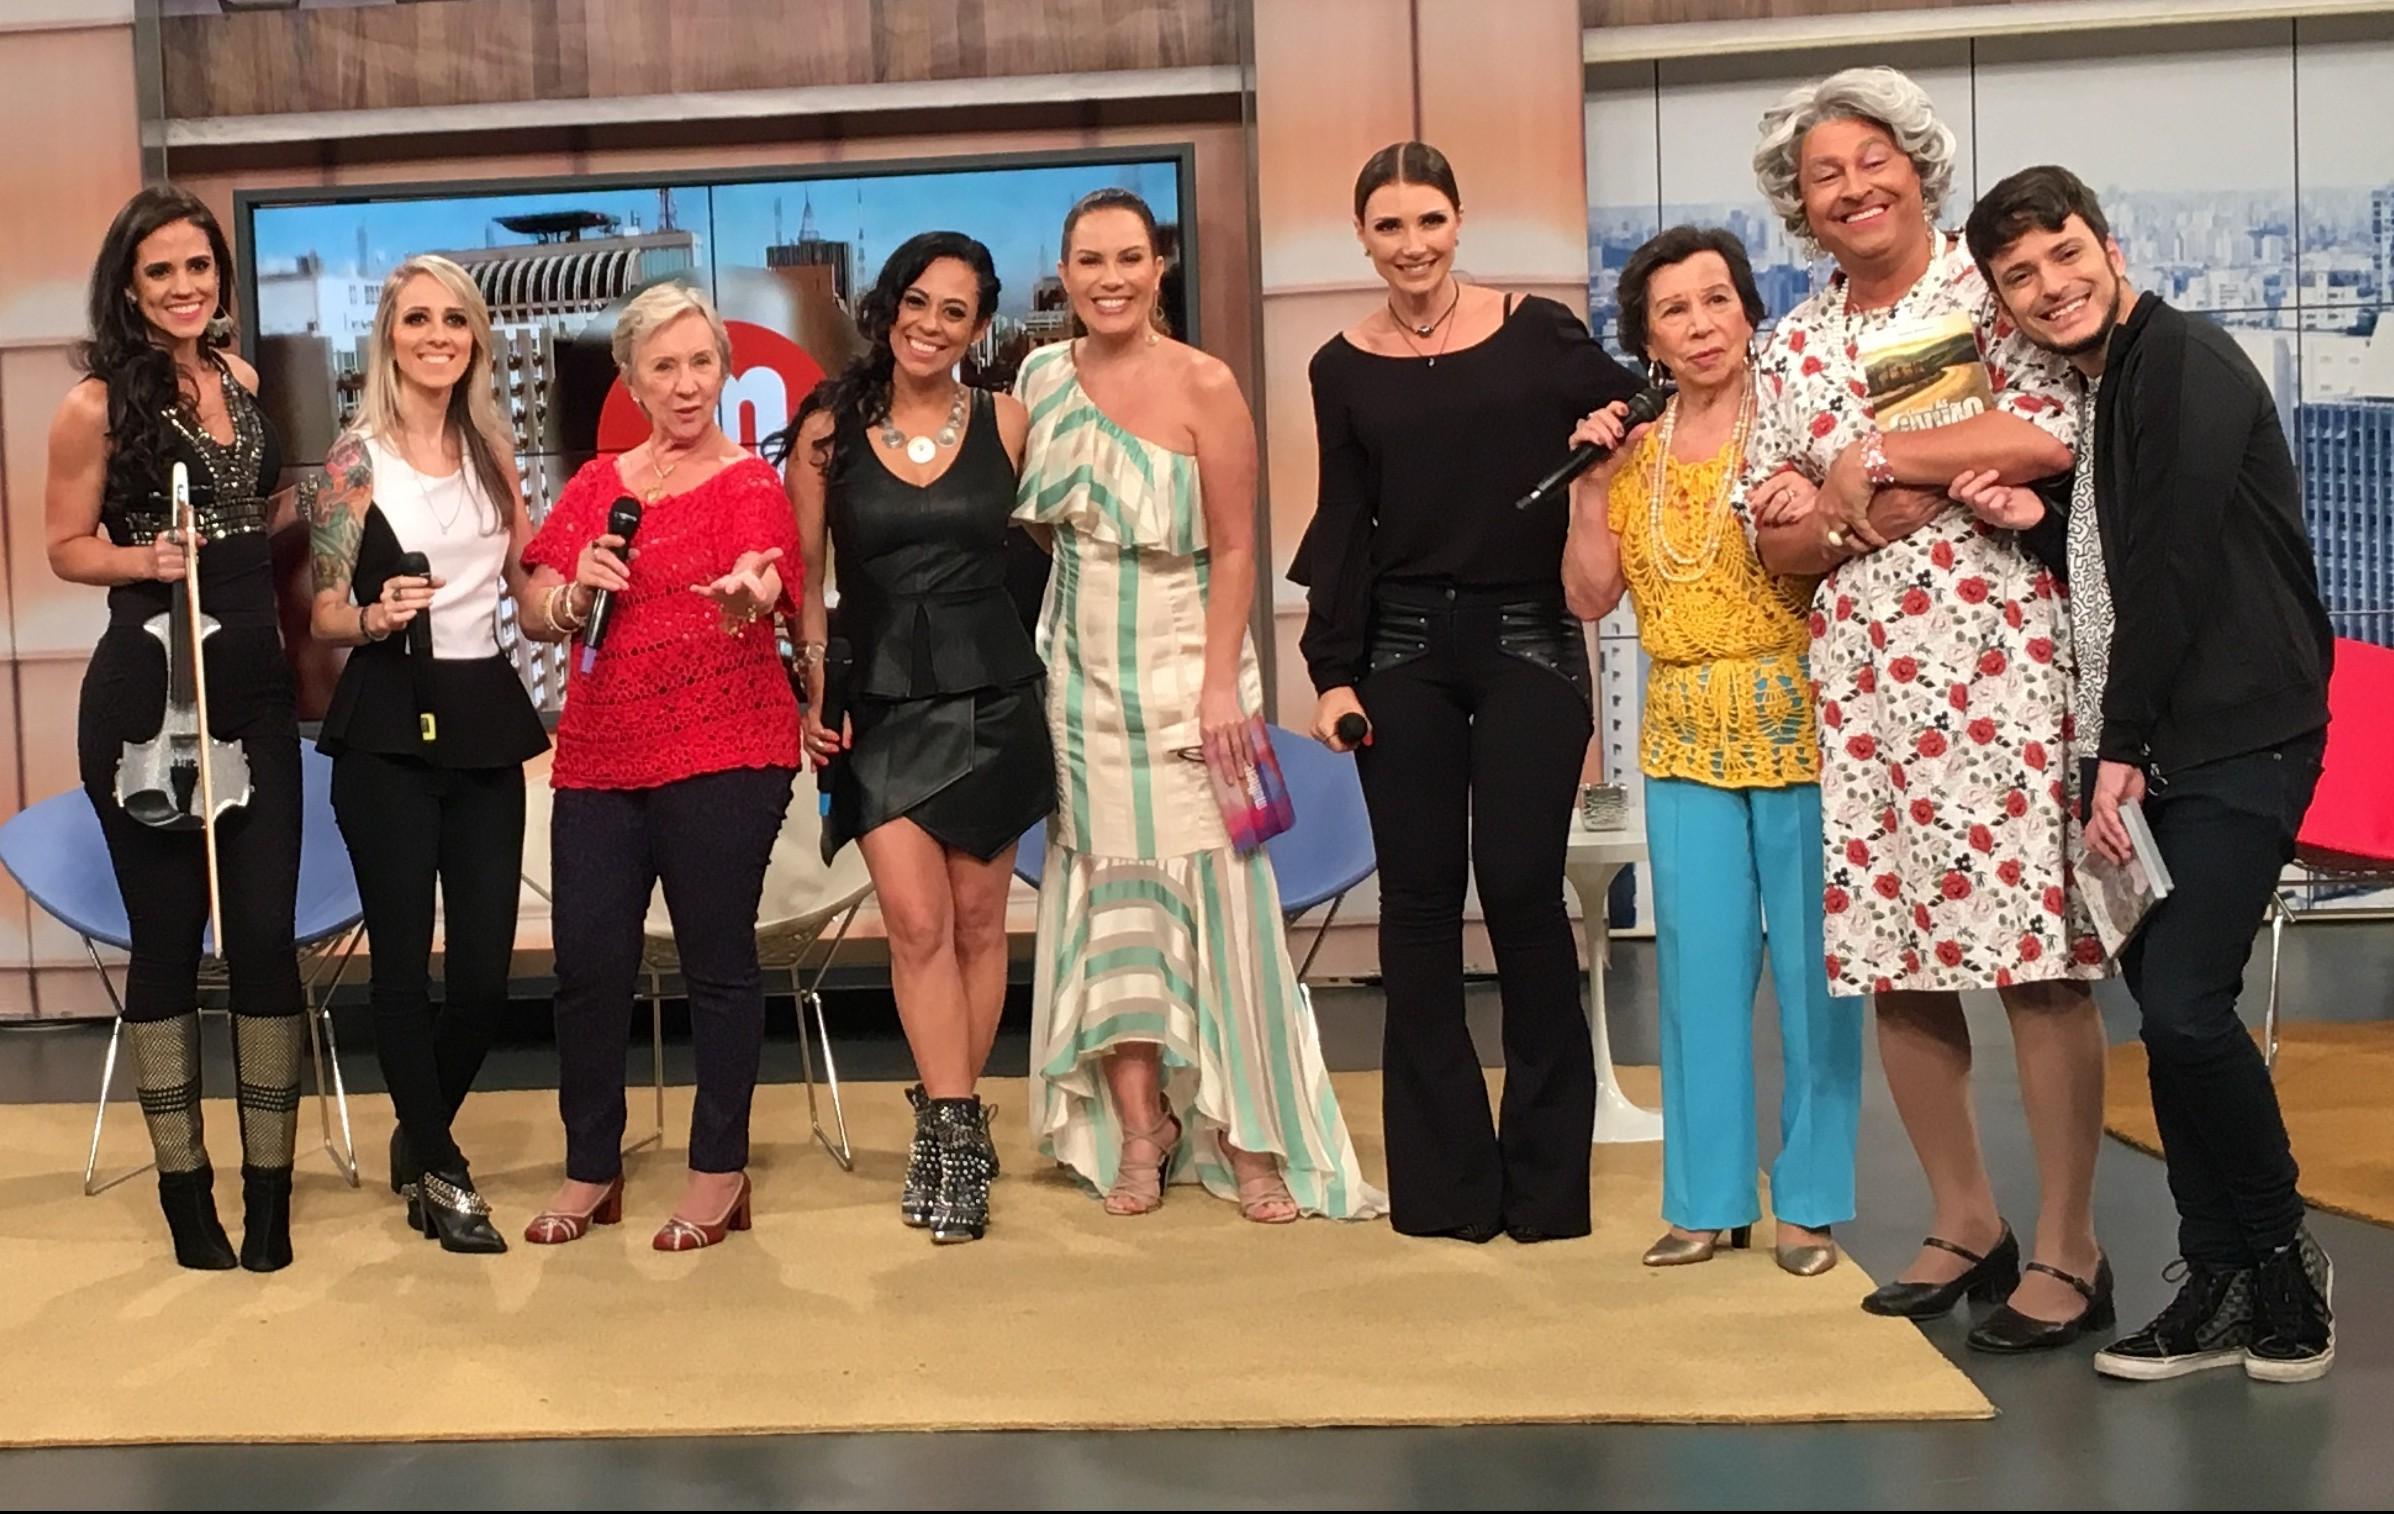 Música Sertaneja: Barra da Saia abre agenda no programa Mulheres desta quinta-feira (25/01) 41